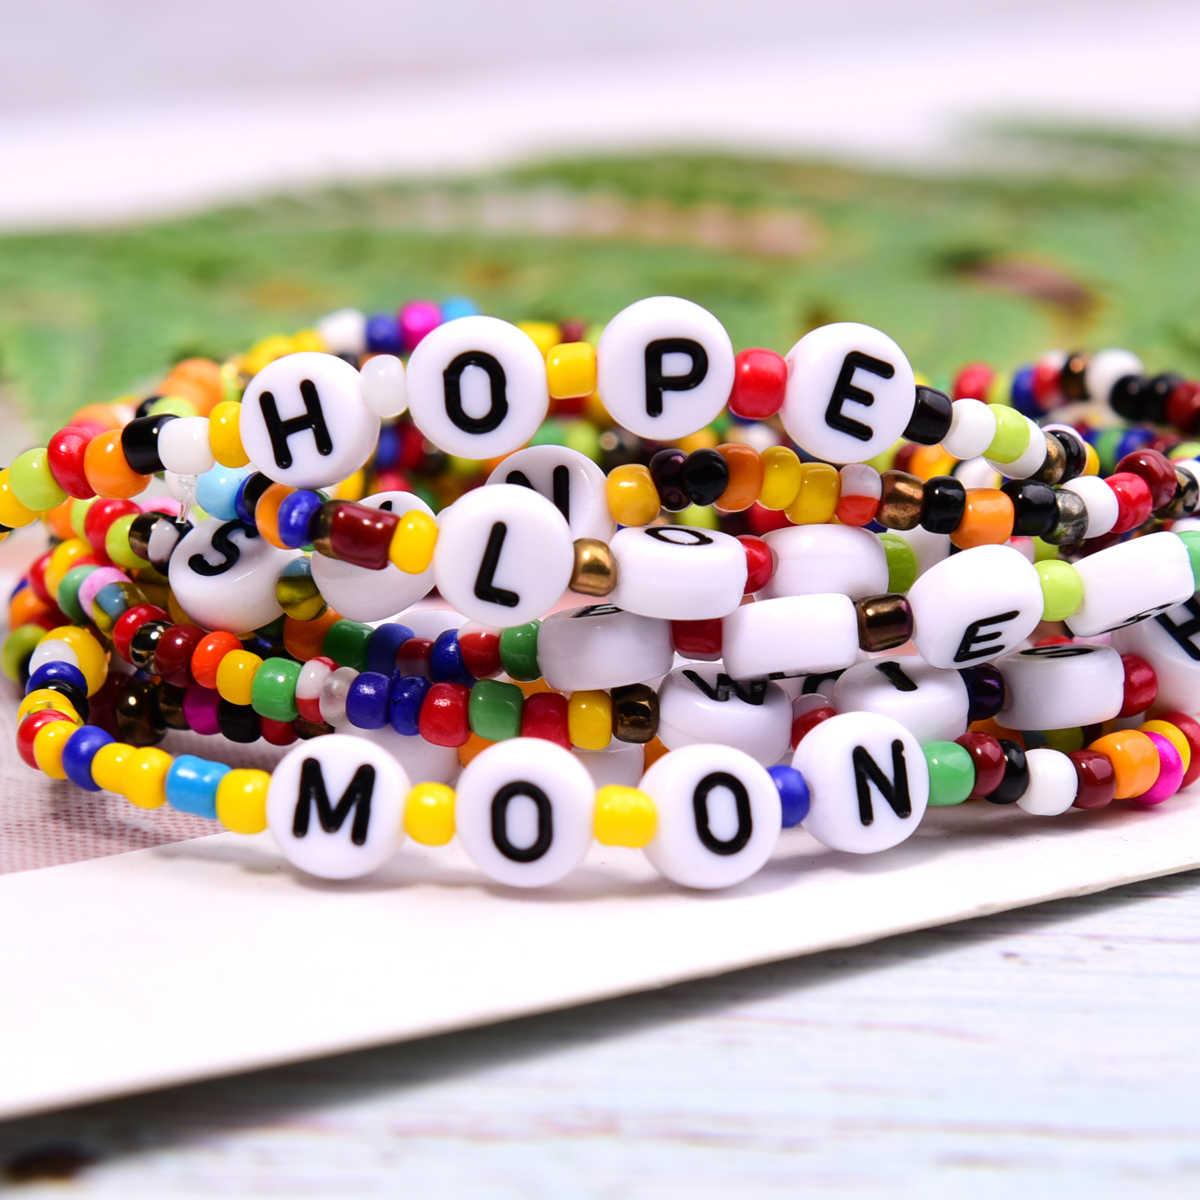 ดวงจันทร์ที่มีสีสันลูกปัด Charm สร้อยข้อมือยืด Hope Bless Boho Chic มิตรภาพ Pulseras Femme เครื่องประดับ